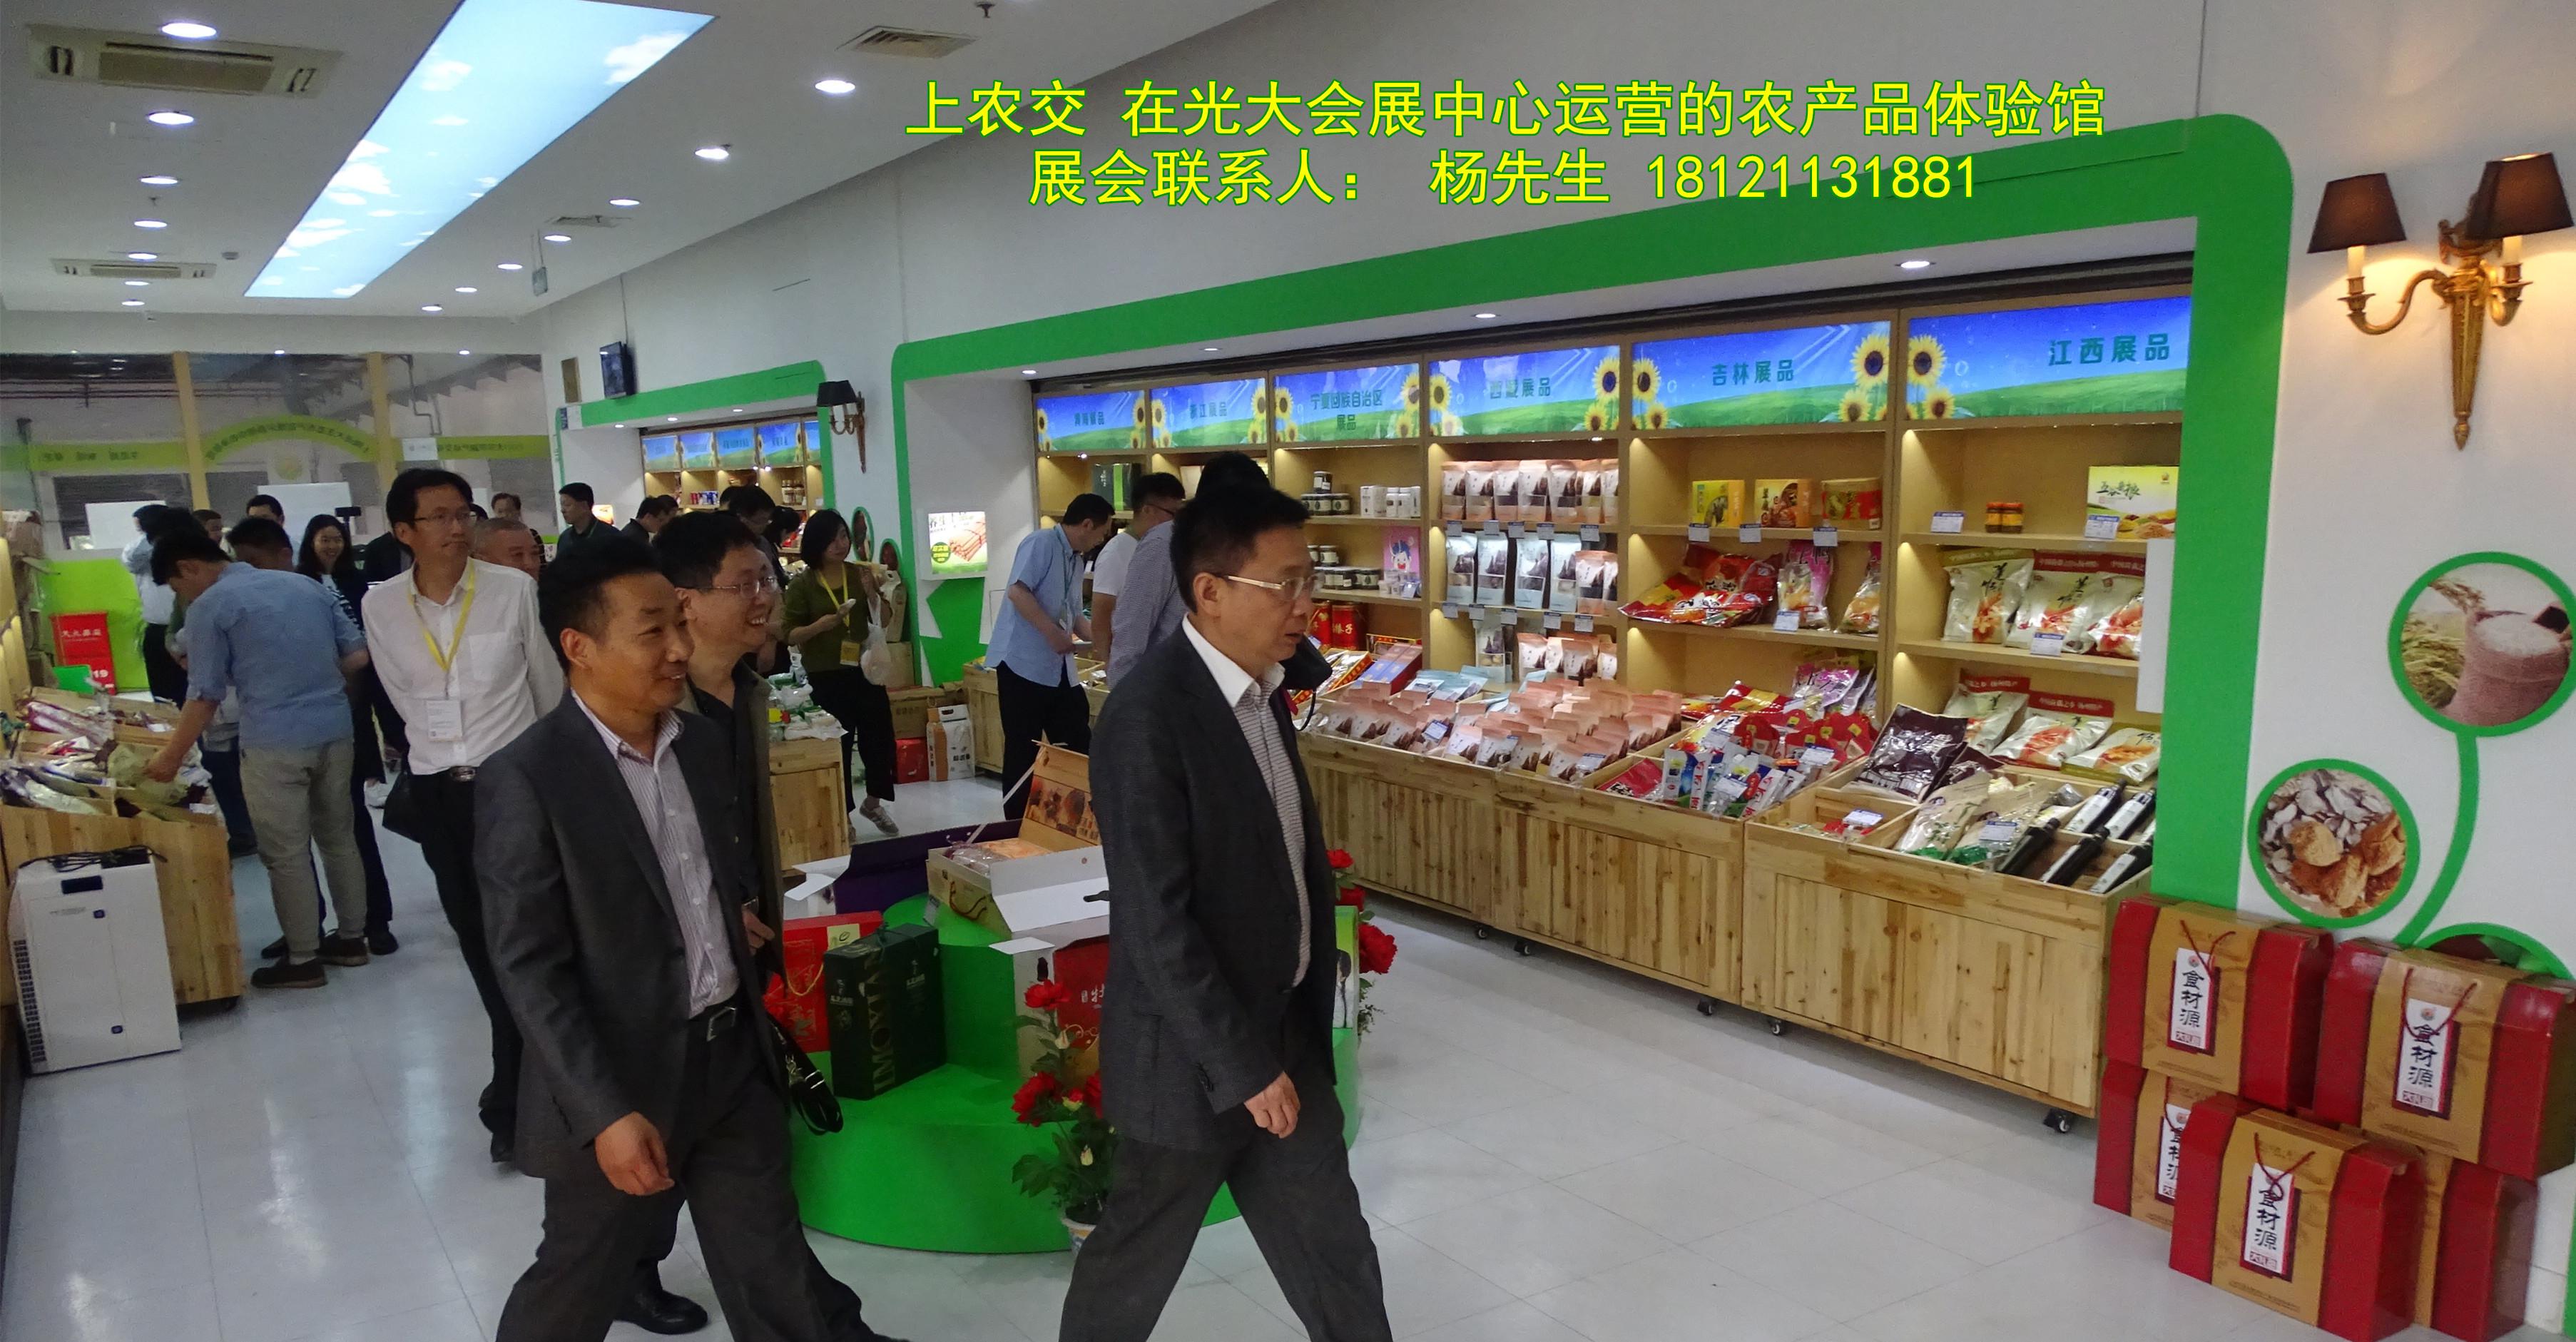 美高梅官方网站 9